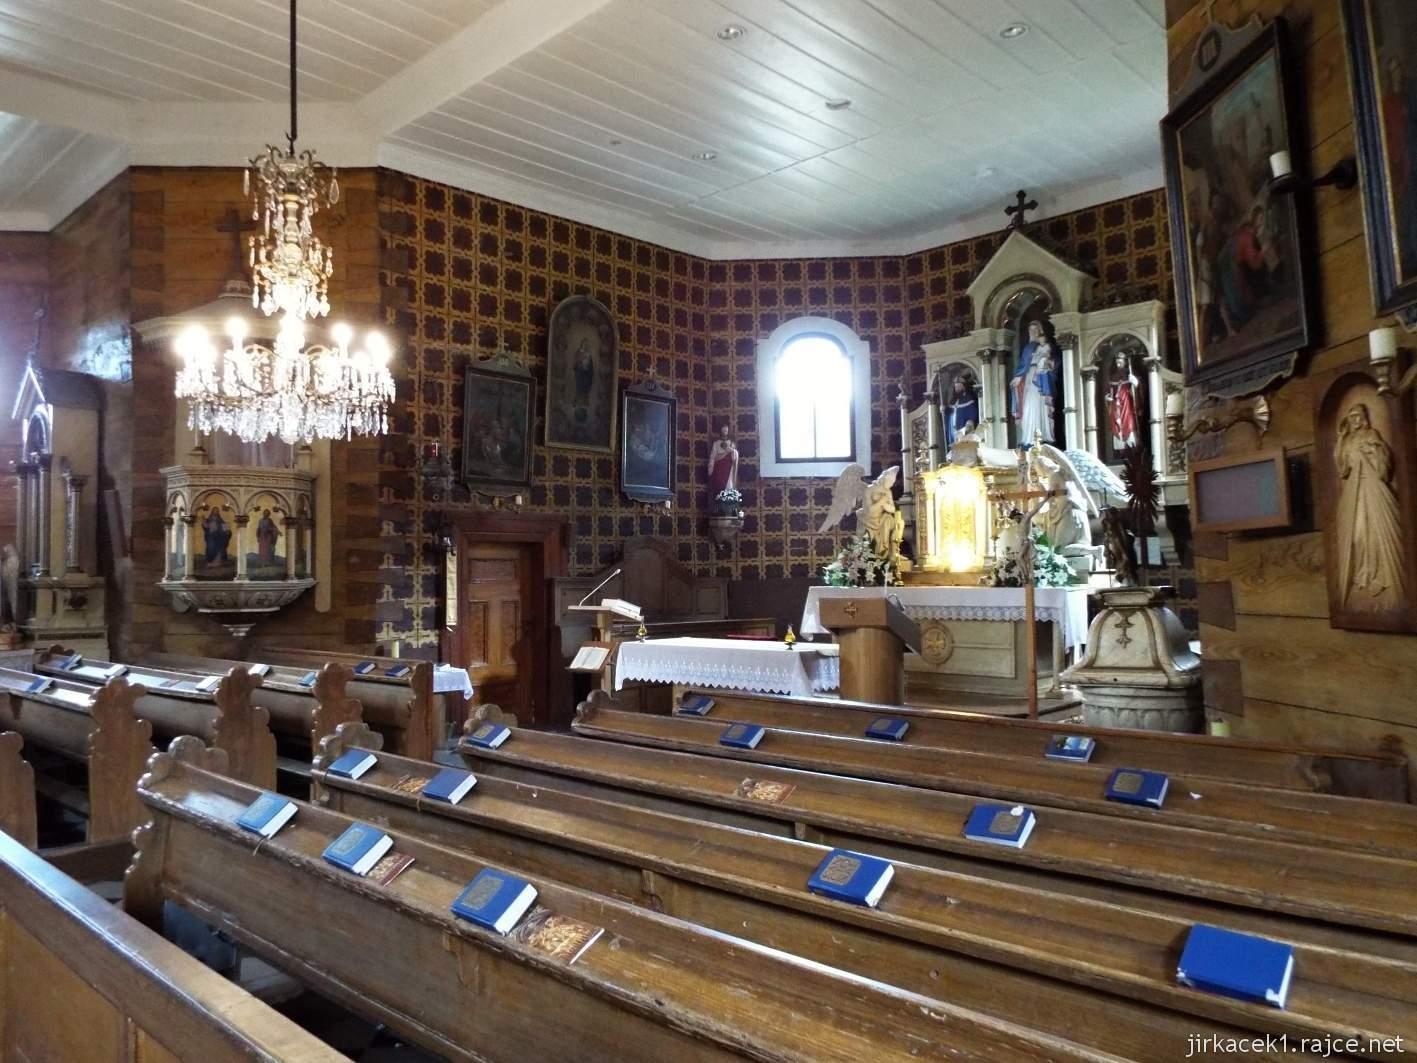 Velké Karlovice - Kostel Panny Marie Sněžné 21 - interiér kostela - celkový pohled